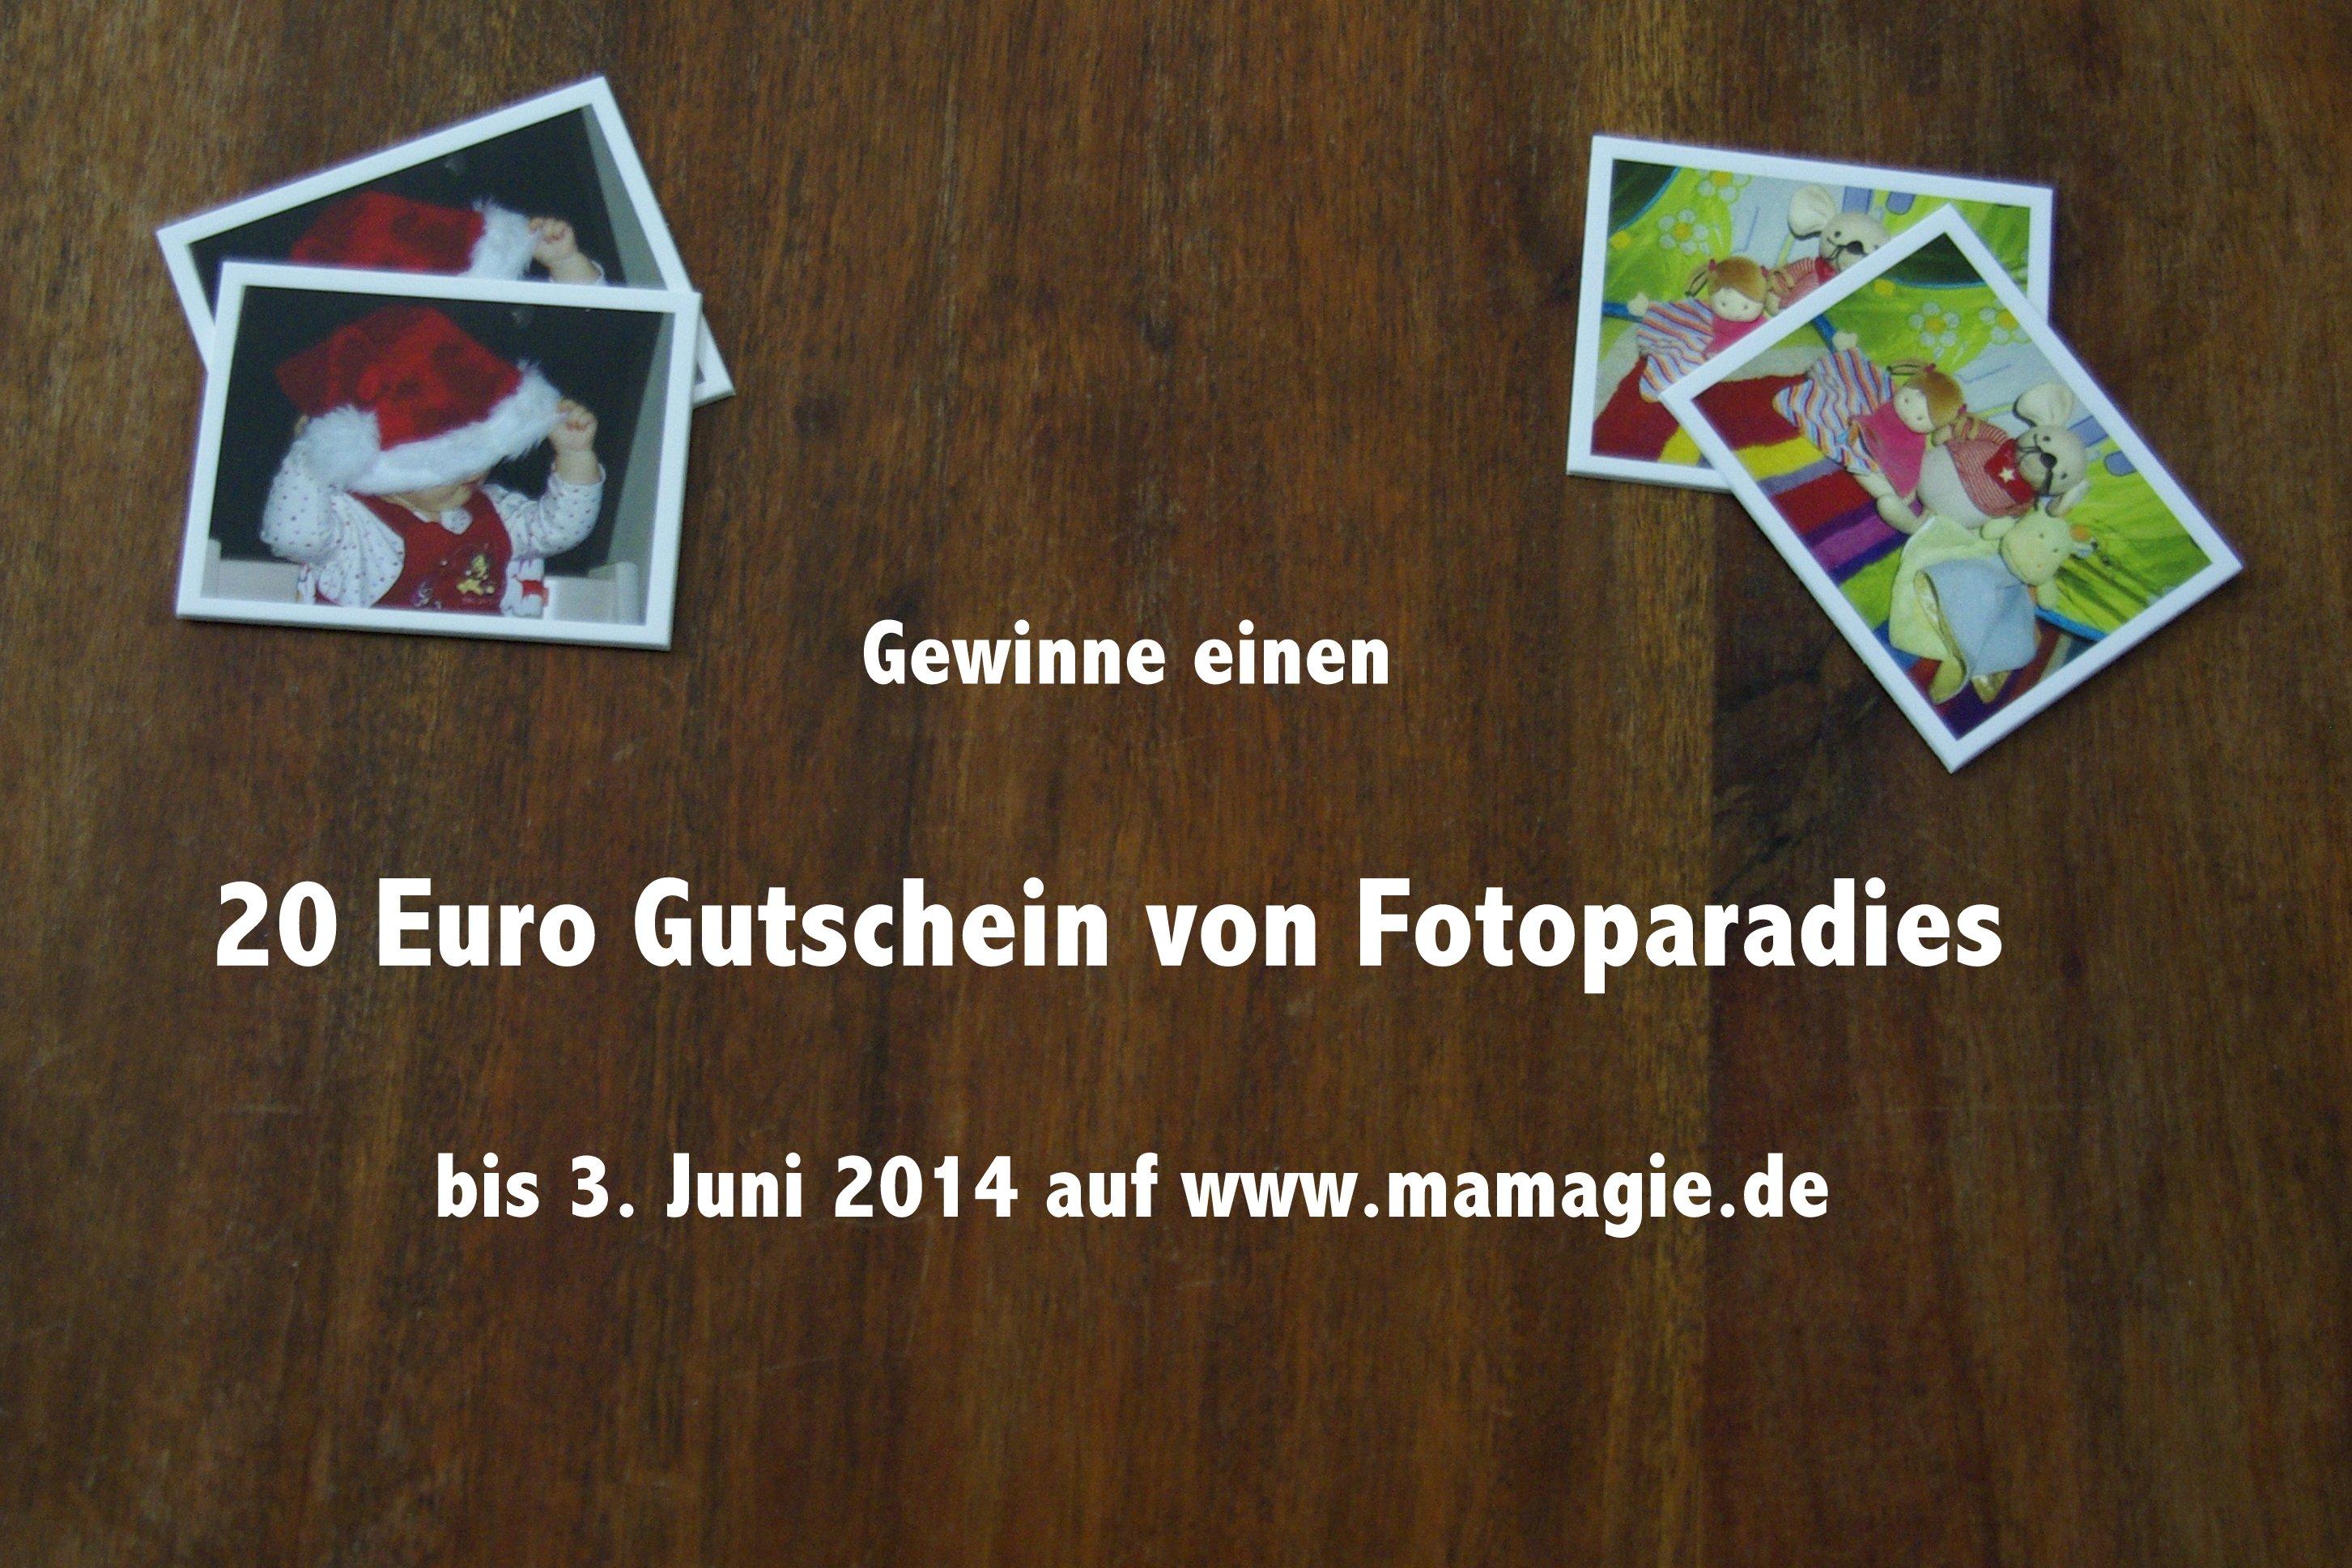 20 Euro Gutschein für Fotos gewinnen